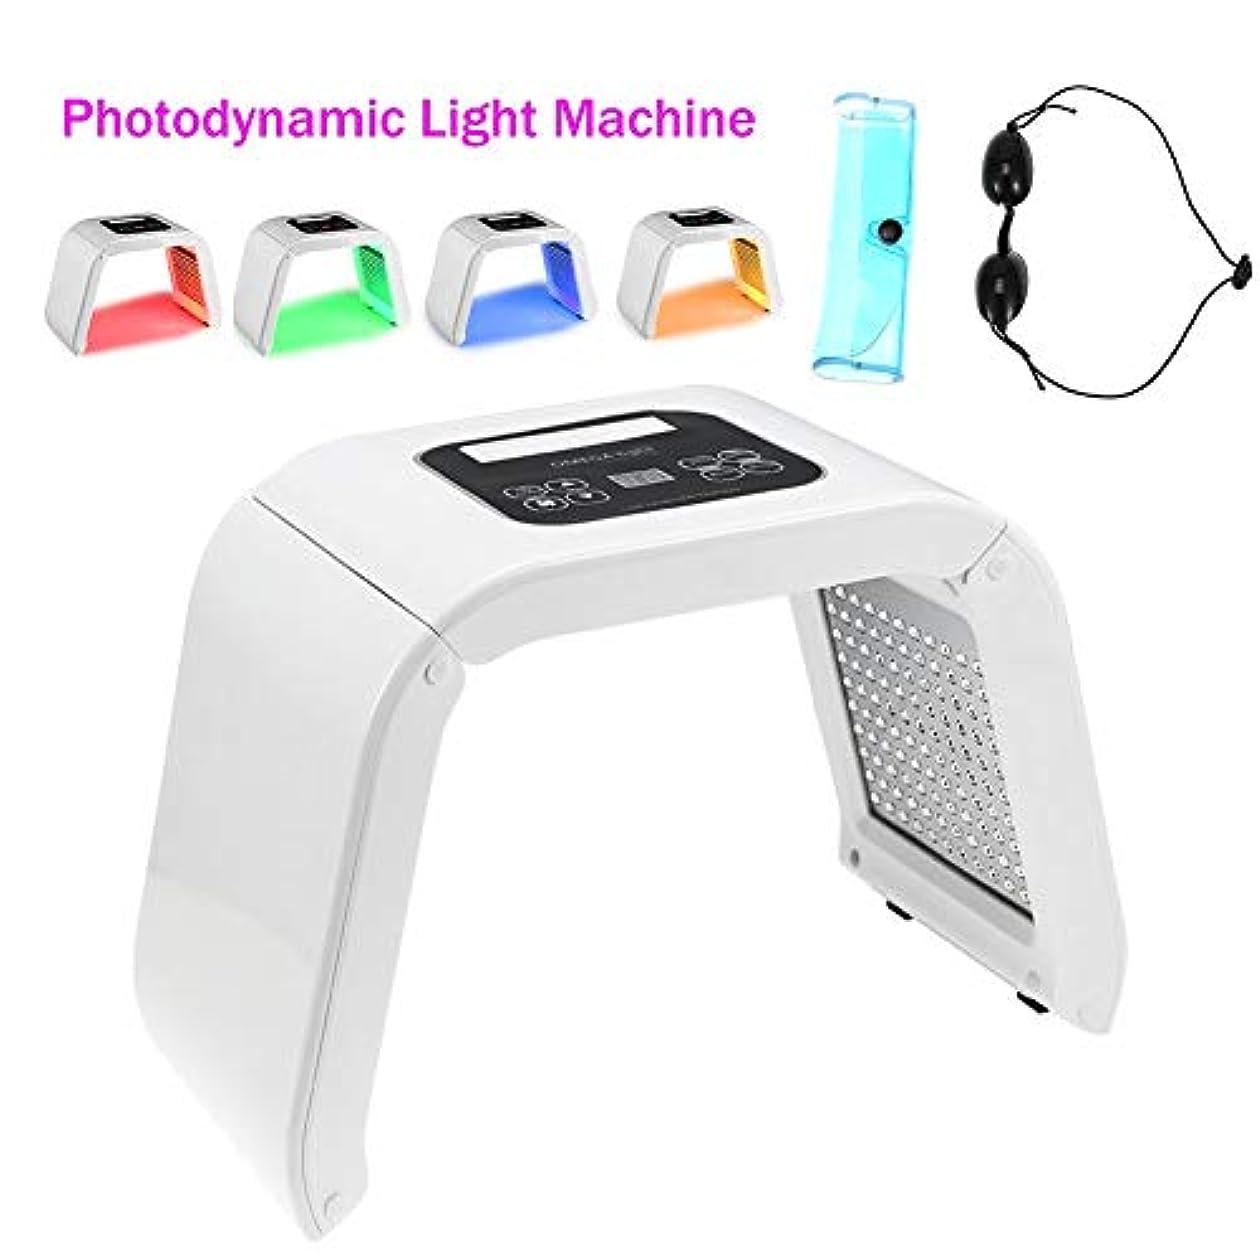 に対応歯科医影響を受けやすいですにきび跡のしわ除去アンチエイジング肌の若返りフェイシャルケアフェイシャルトーンデバイスフォトンセラピー4色LEDライトビューティーマシン